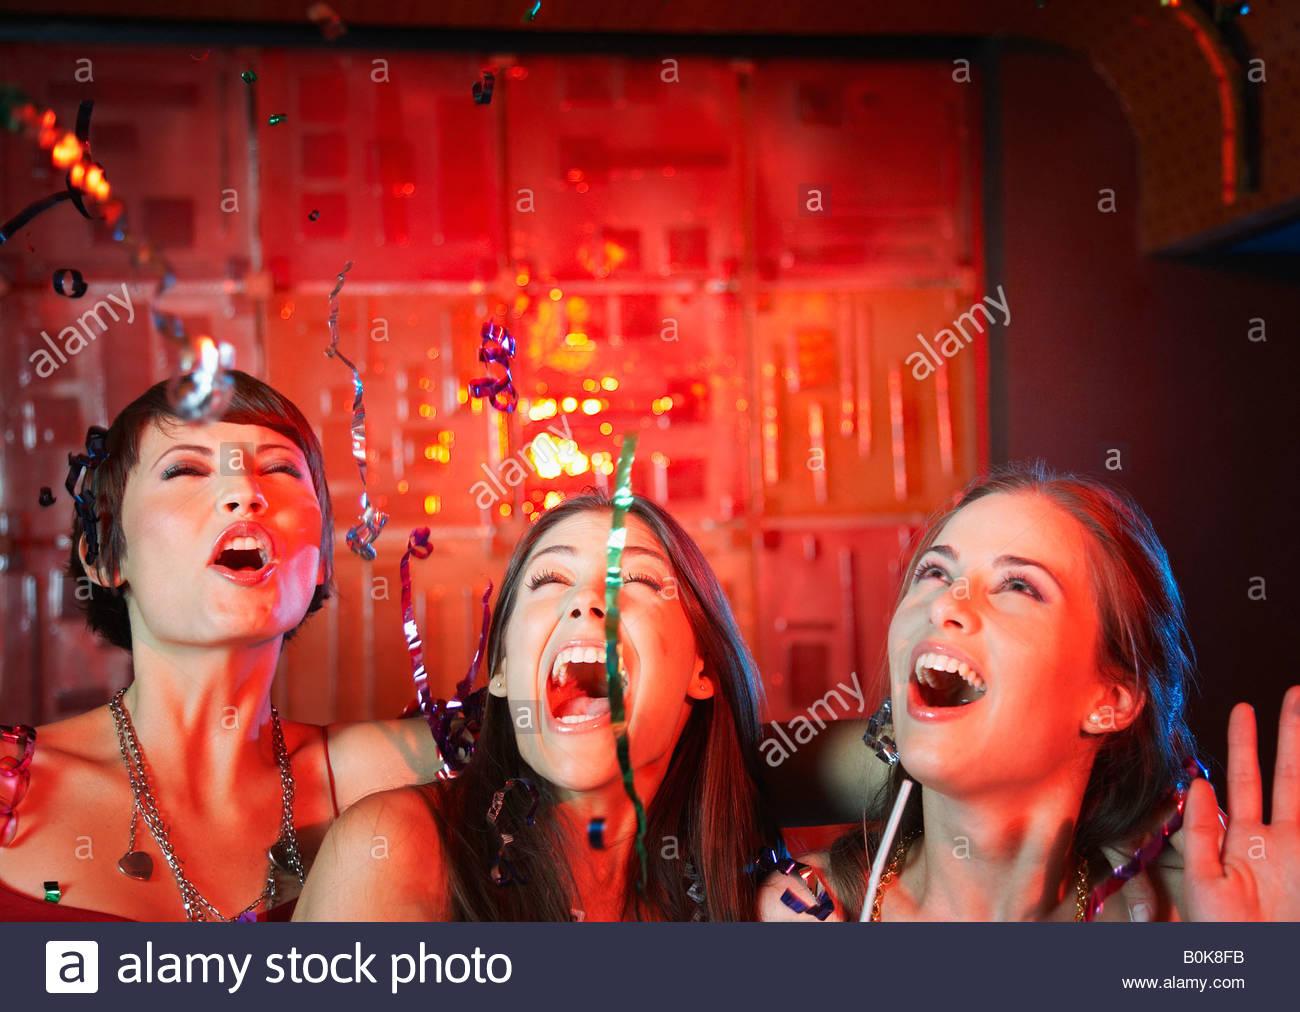 Drei Frauen in einem Nachtclub, tranken und lachten Stockfoto